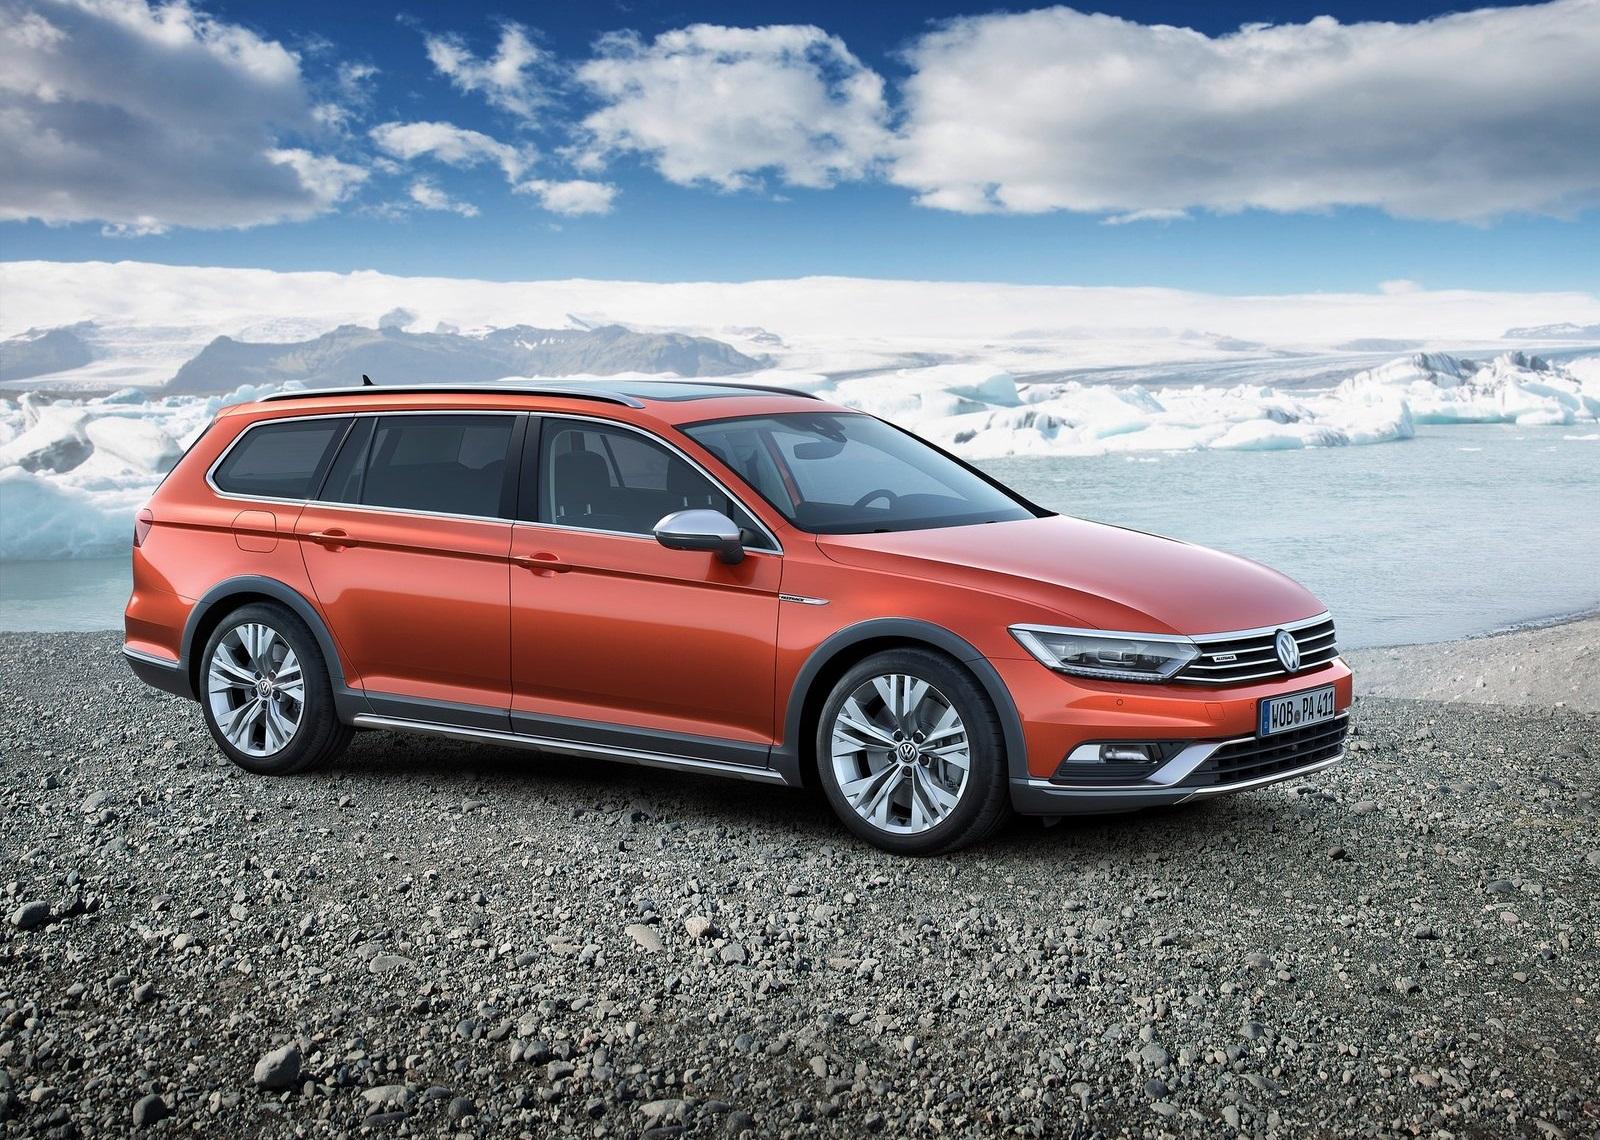 2016 Volkswagen Passat Alltrack Right Side Preview